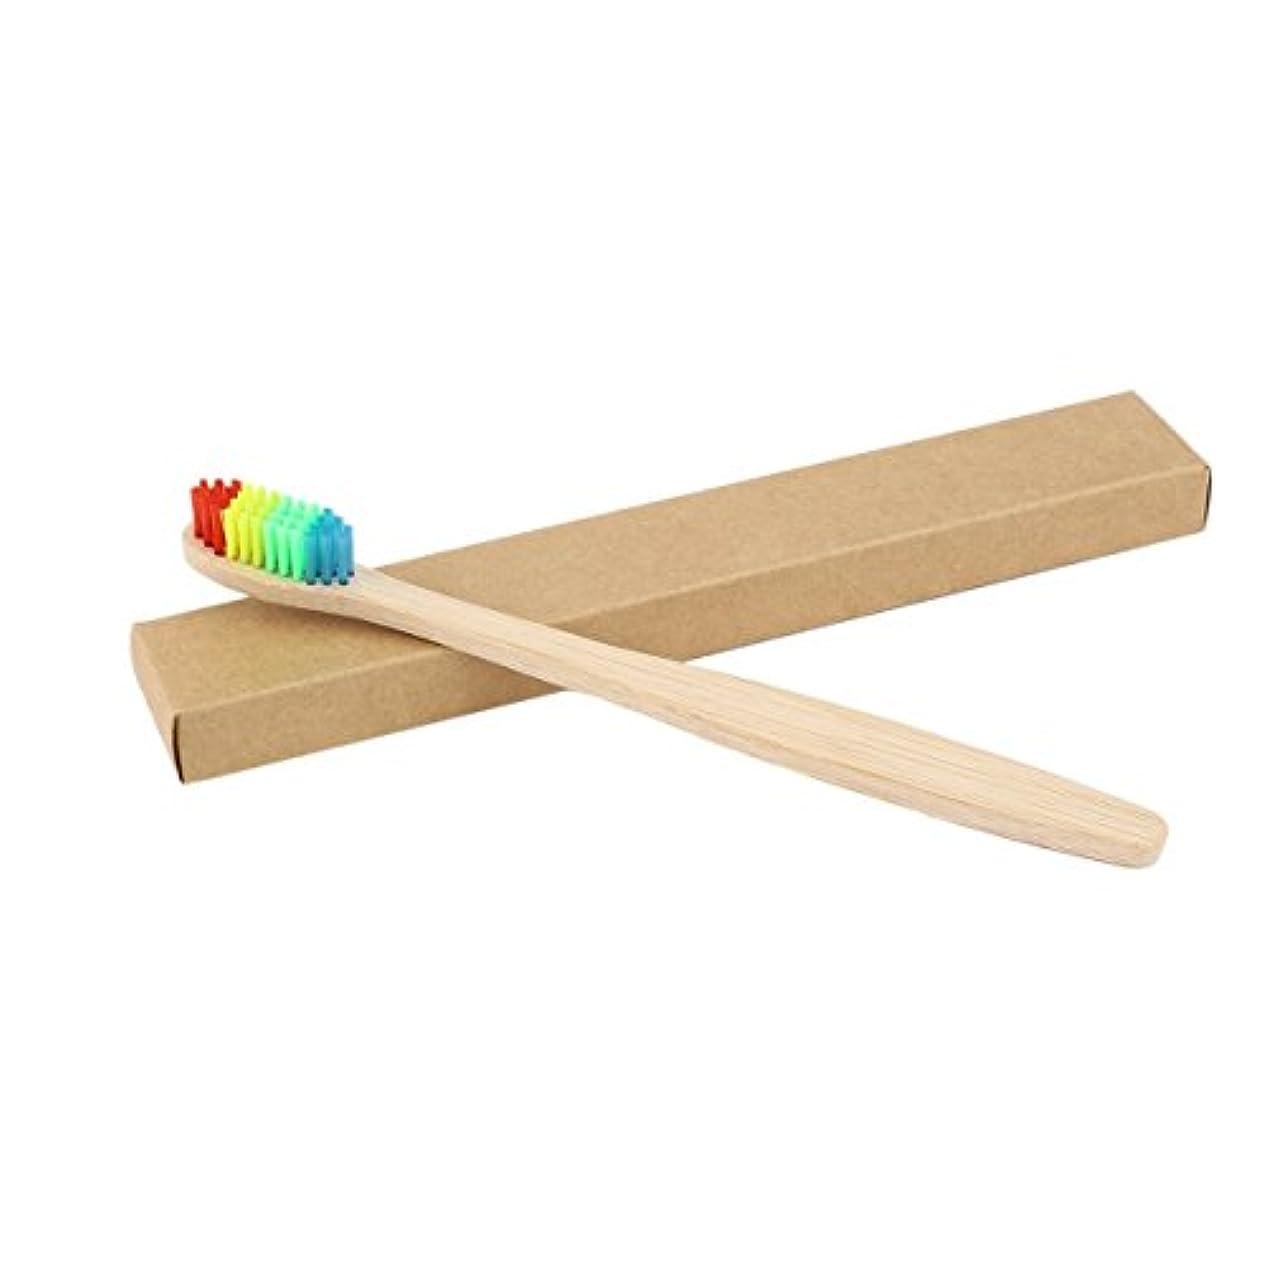 ボーダー不毛バランスのとれたカラフルな髪+竹のハンドル歯ブラシ環境木製の虹竹の歯ブラシオーラルケアソフト剛毛ユニセックス - ウッドカラー+カラフル